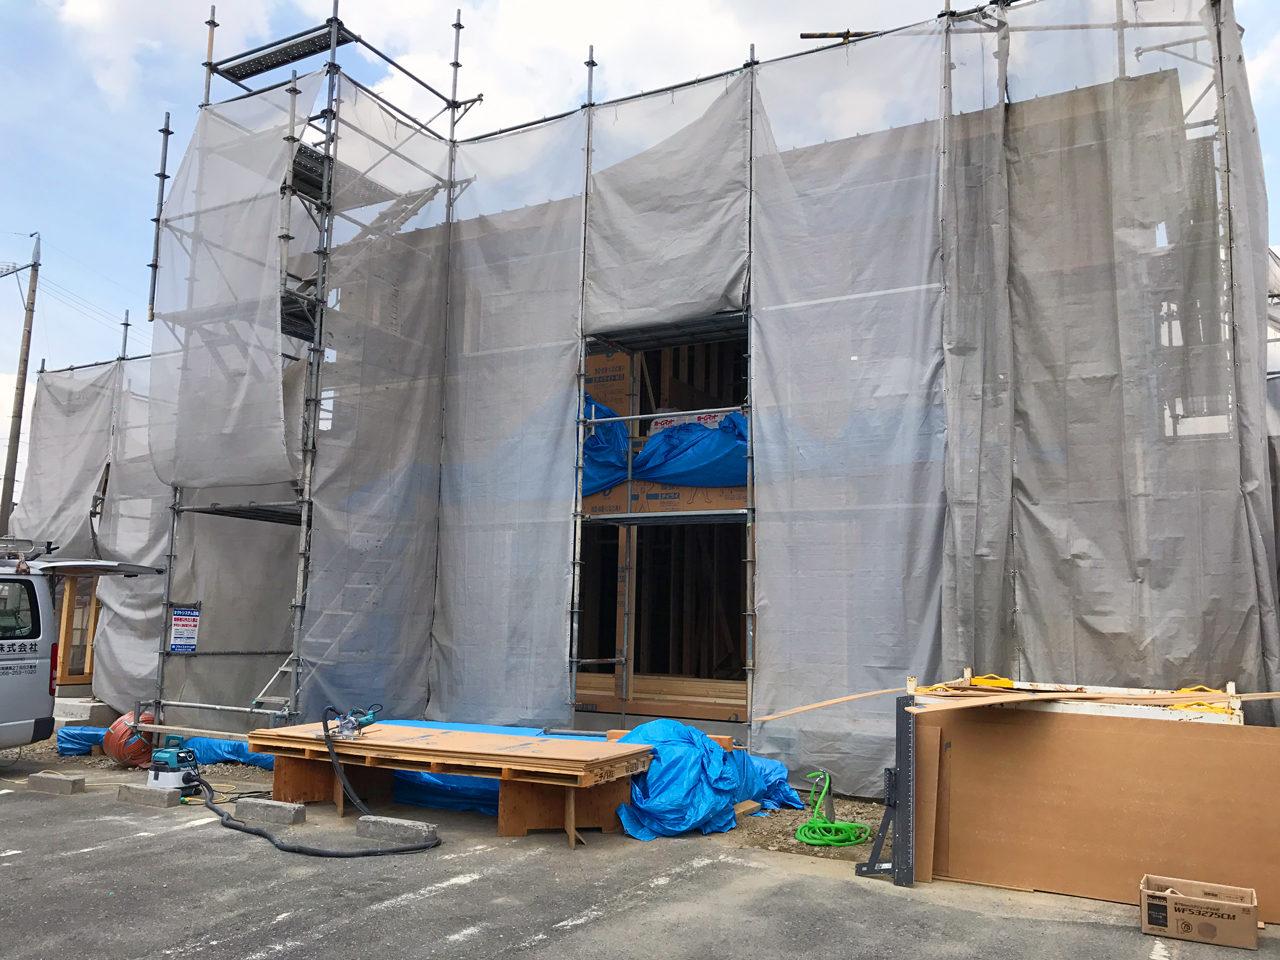 市街化調整区域の建て替え新築設計・デザインをしている住宅の現場監理へ